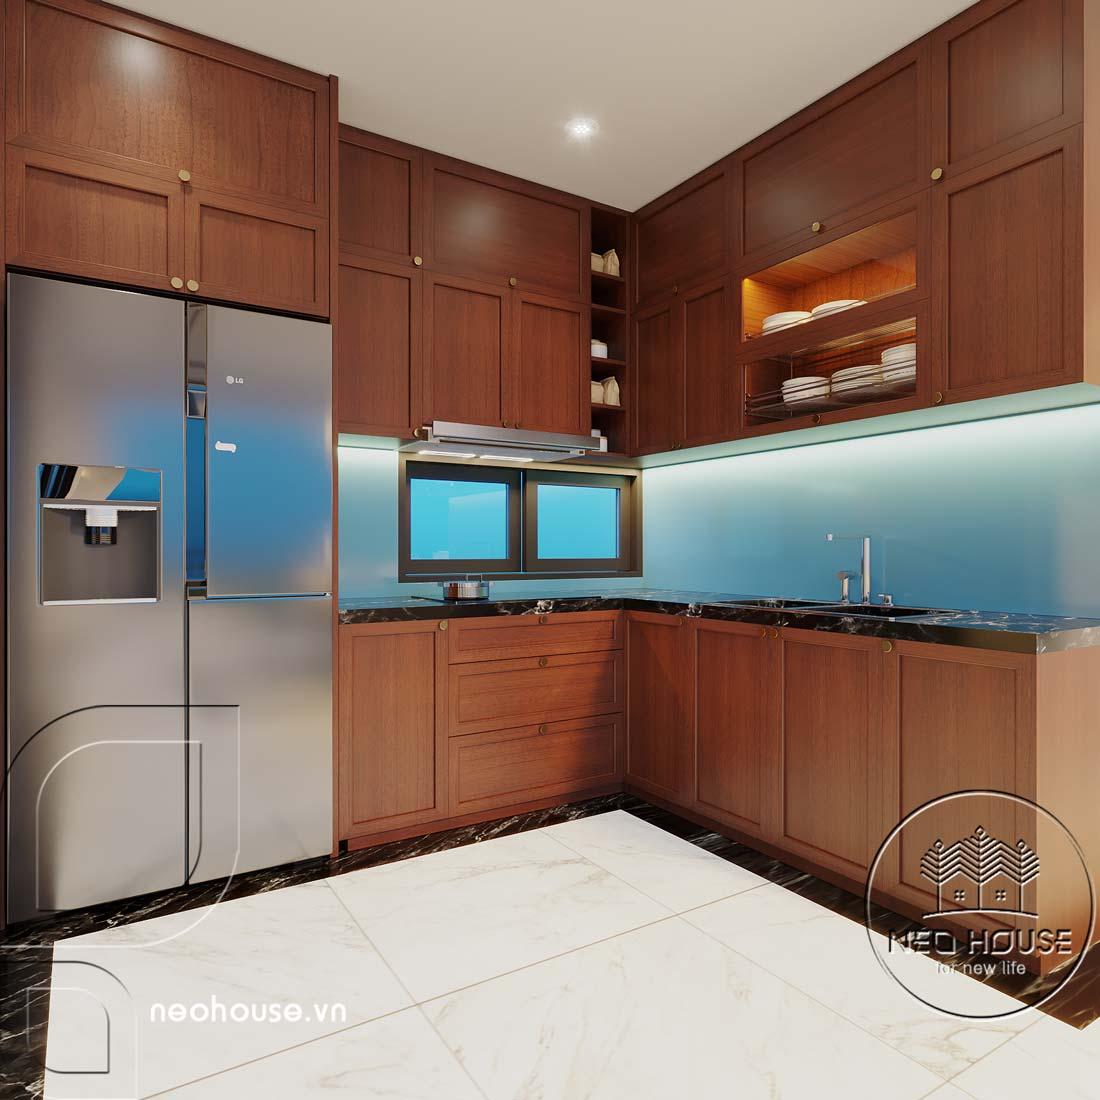 Nội thất nhà biệt thự đẹp 180m2 phong cách Indochine. Ảnh 3